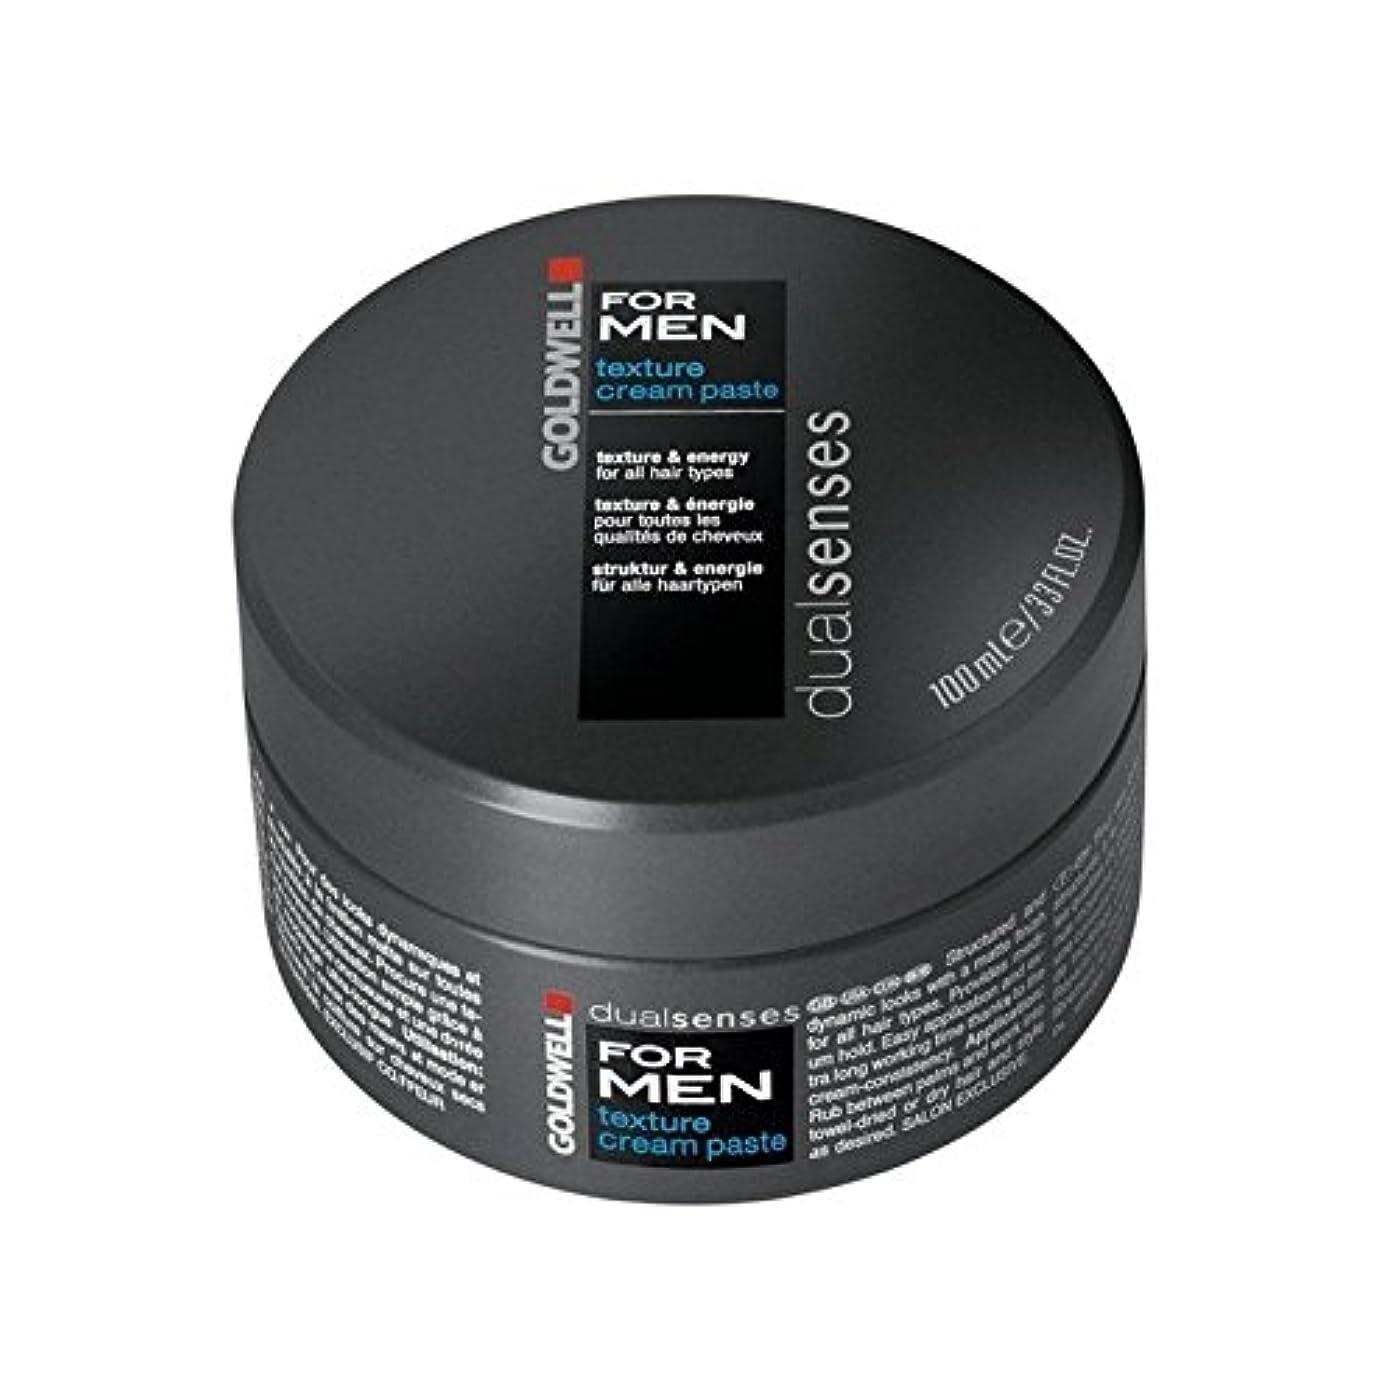 Goldwell Dualsenses For Men Texture Cream Paste (100ml) - 男性のテクスチャーのクリームペースト(100ミリリットル)のためのの [並行輸入品]